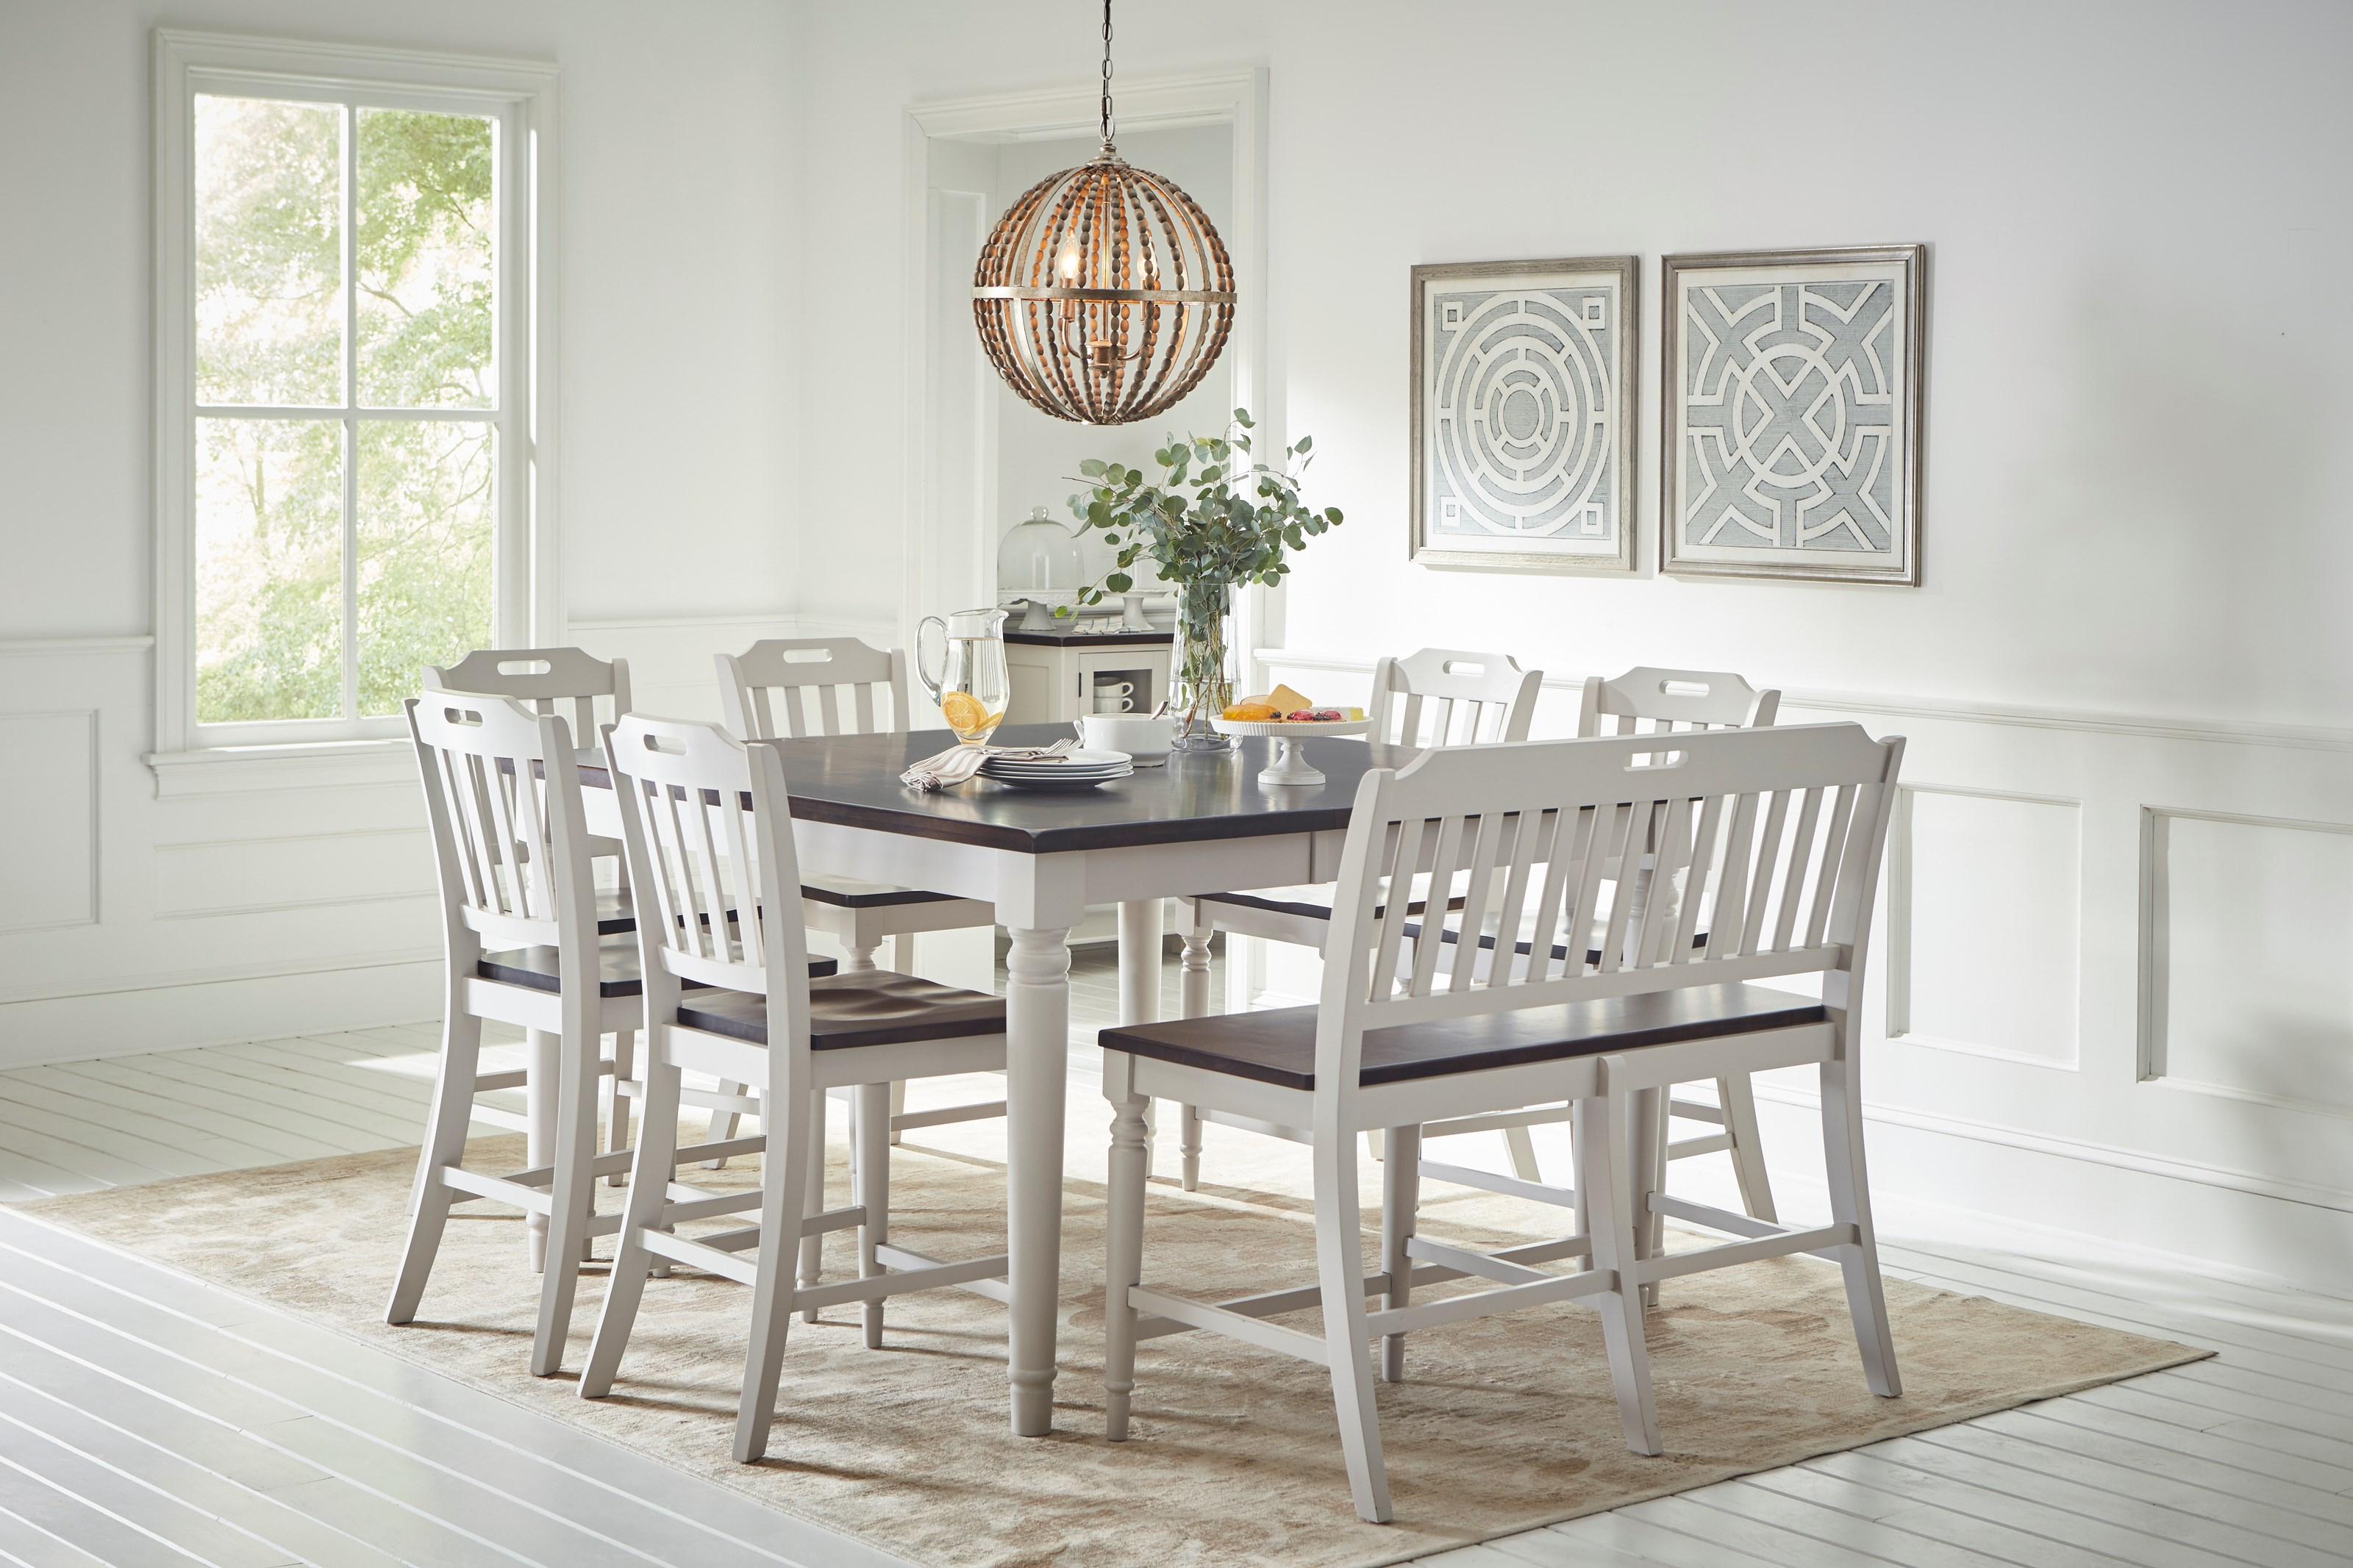 Stegeru0027s Furniture